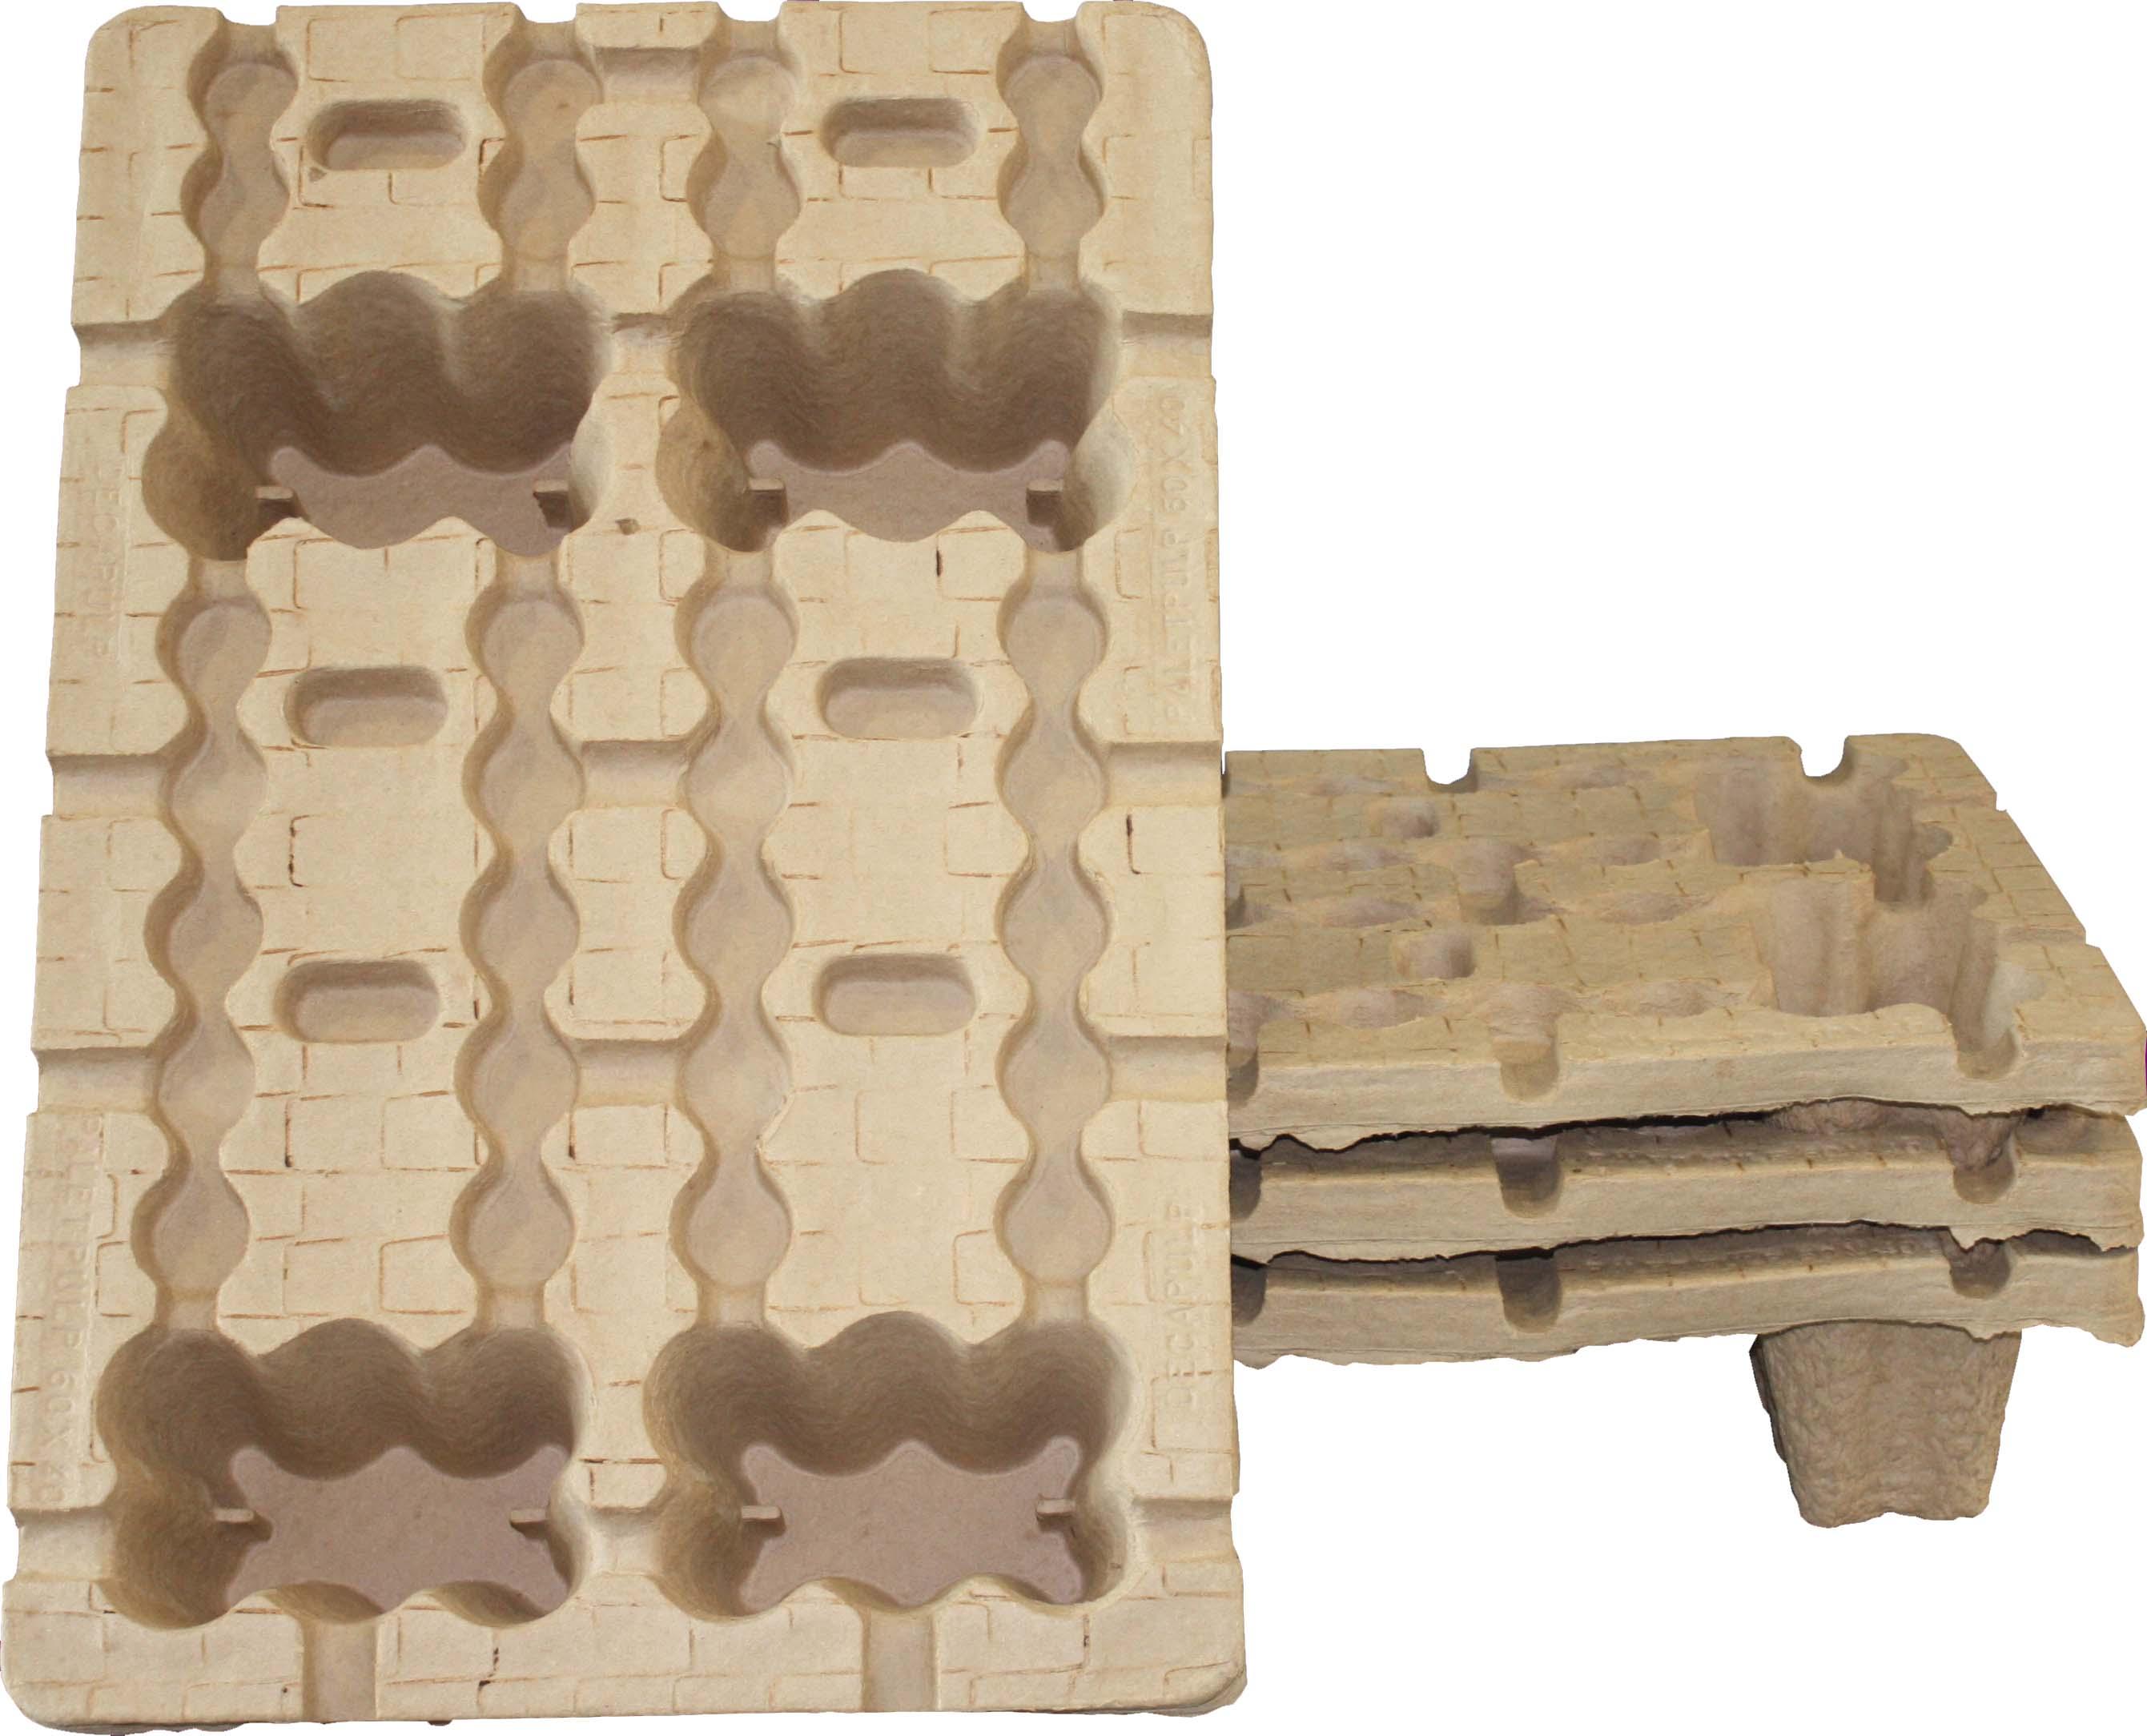 Fabrication de palettes en cellulose moulée ecofeutre